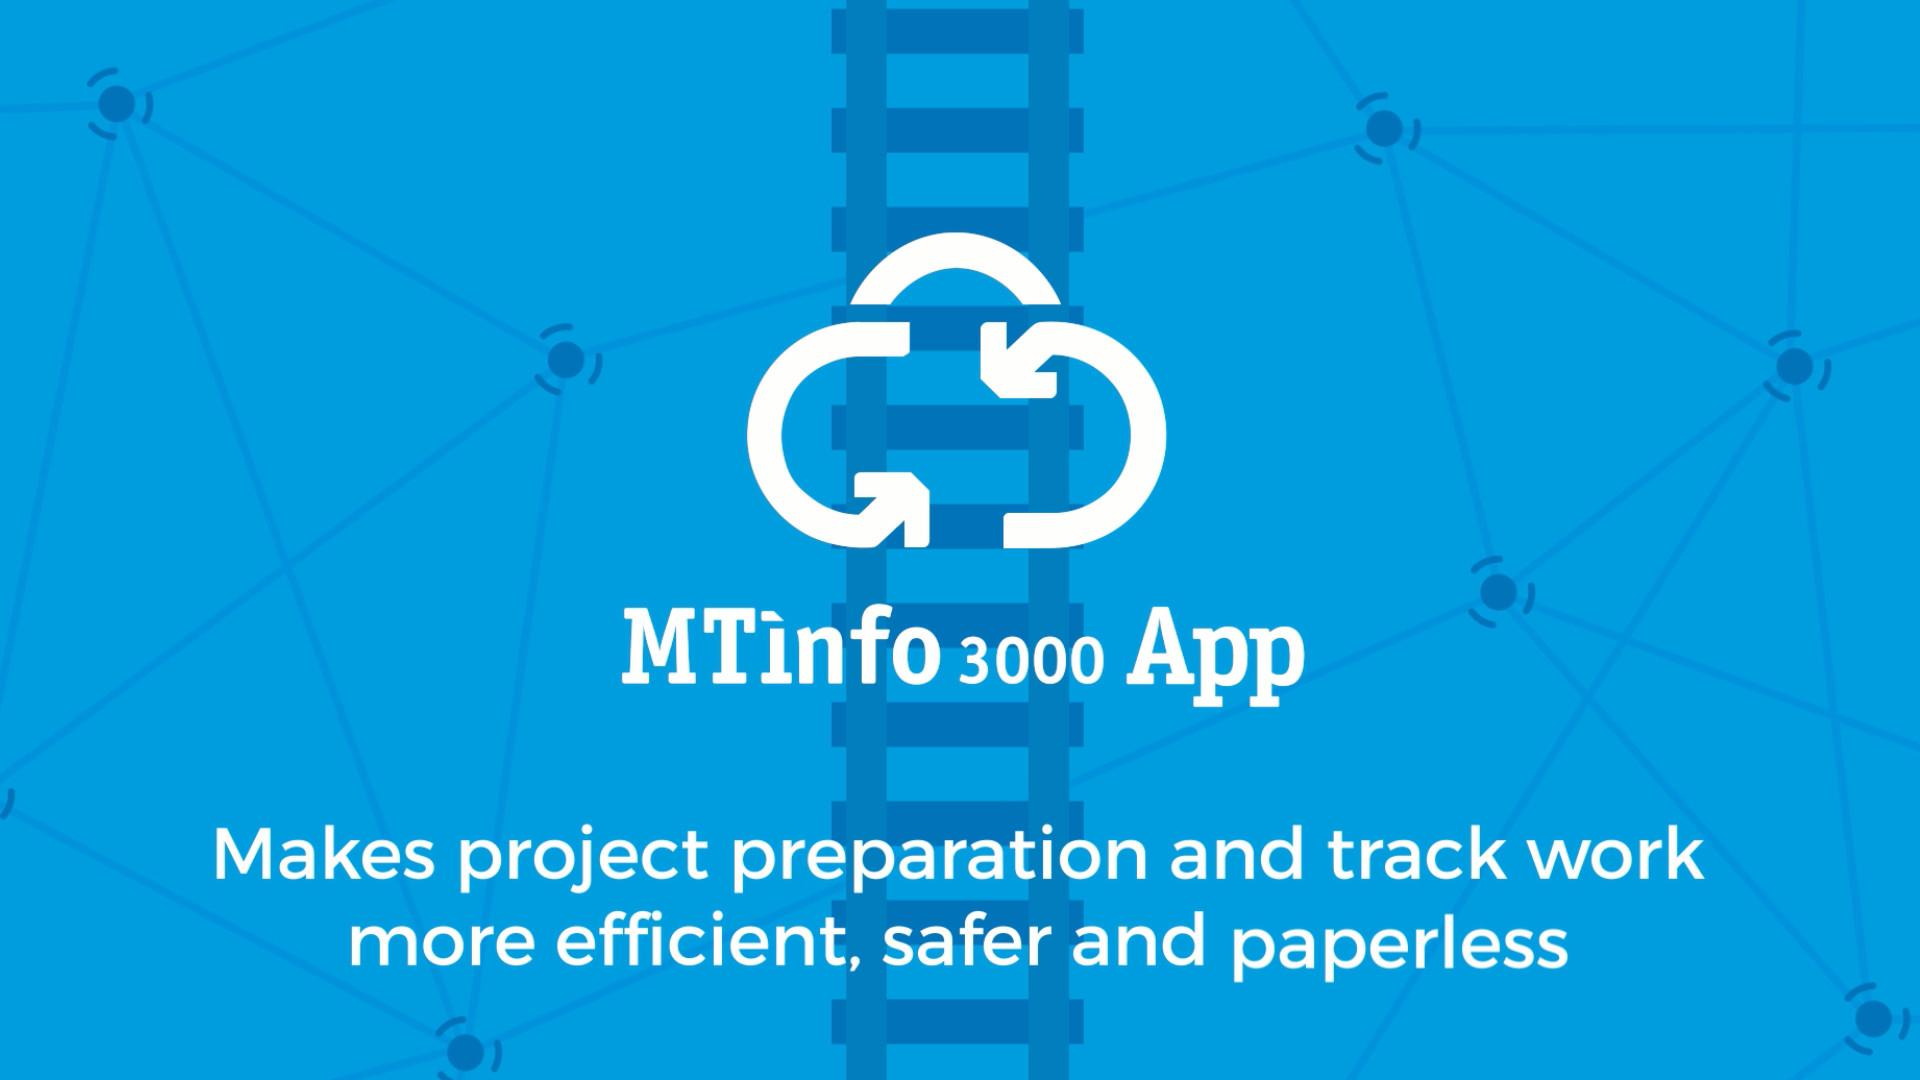 MTinfo 3000 credits